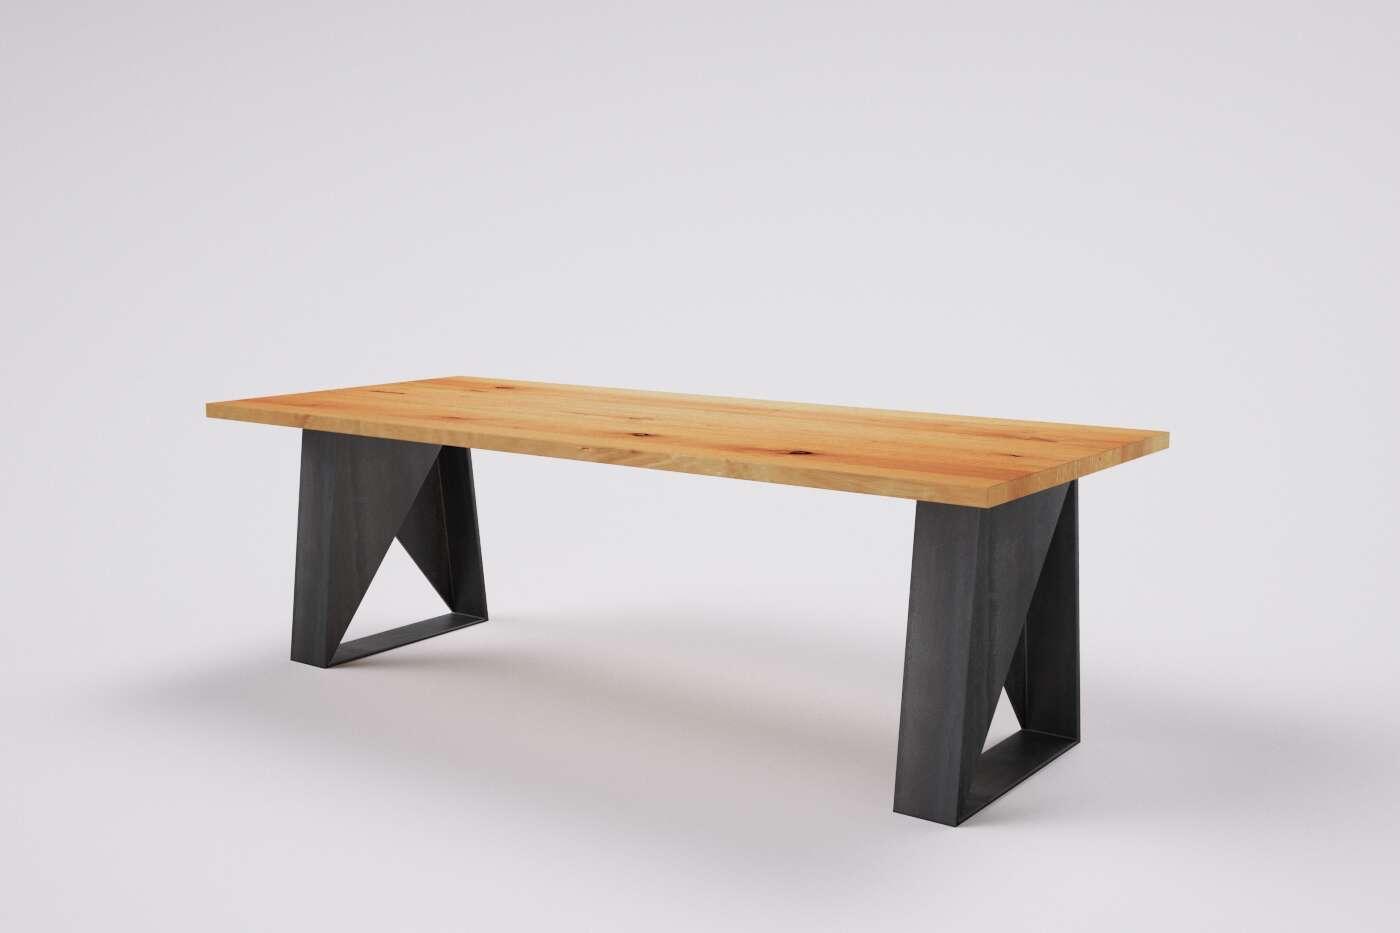 Buche Holztisch auf Mass Janosh mit Metallgestell